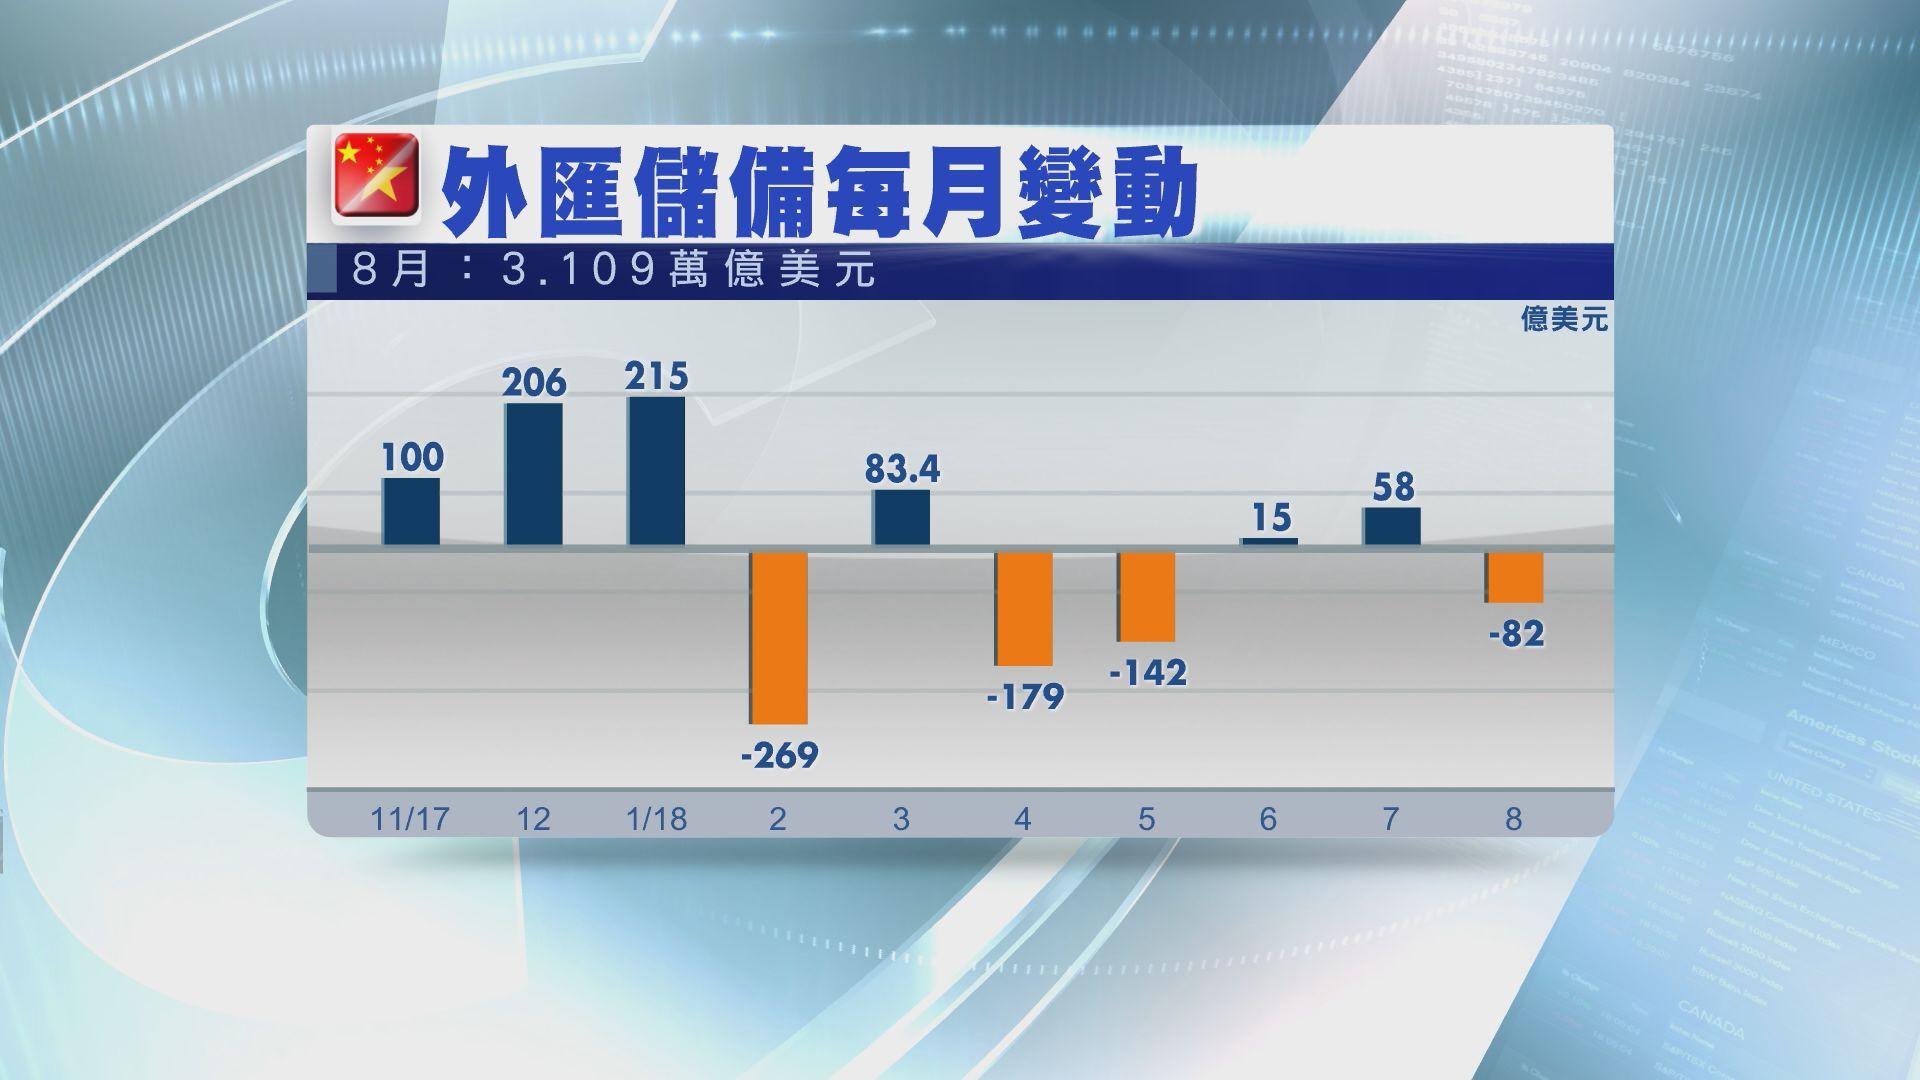 【略低於預期】內地上月外儲跌至約3.1萬億美元